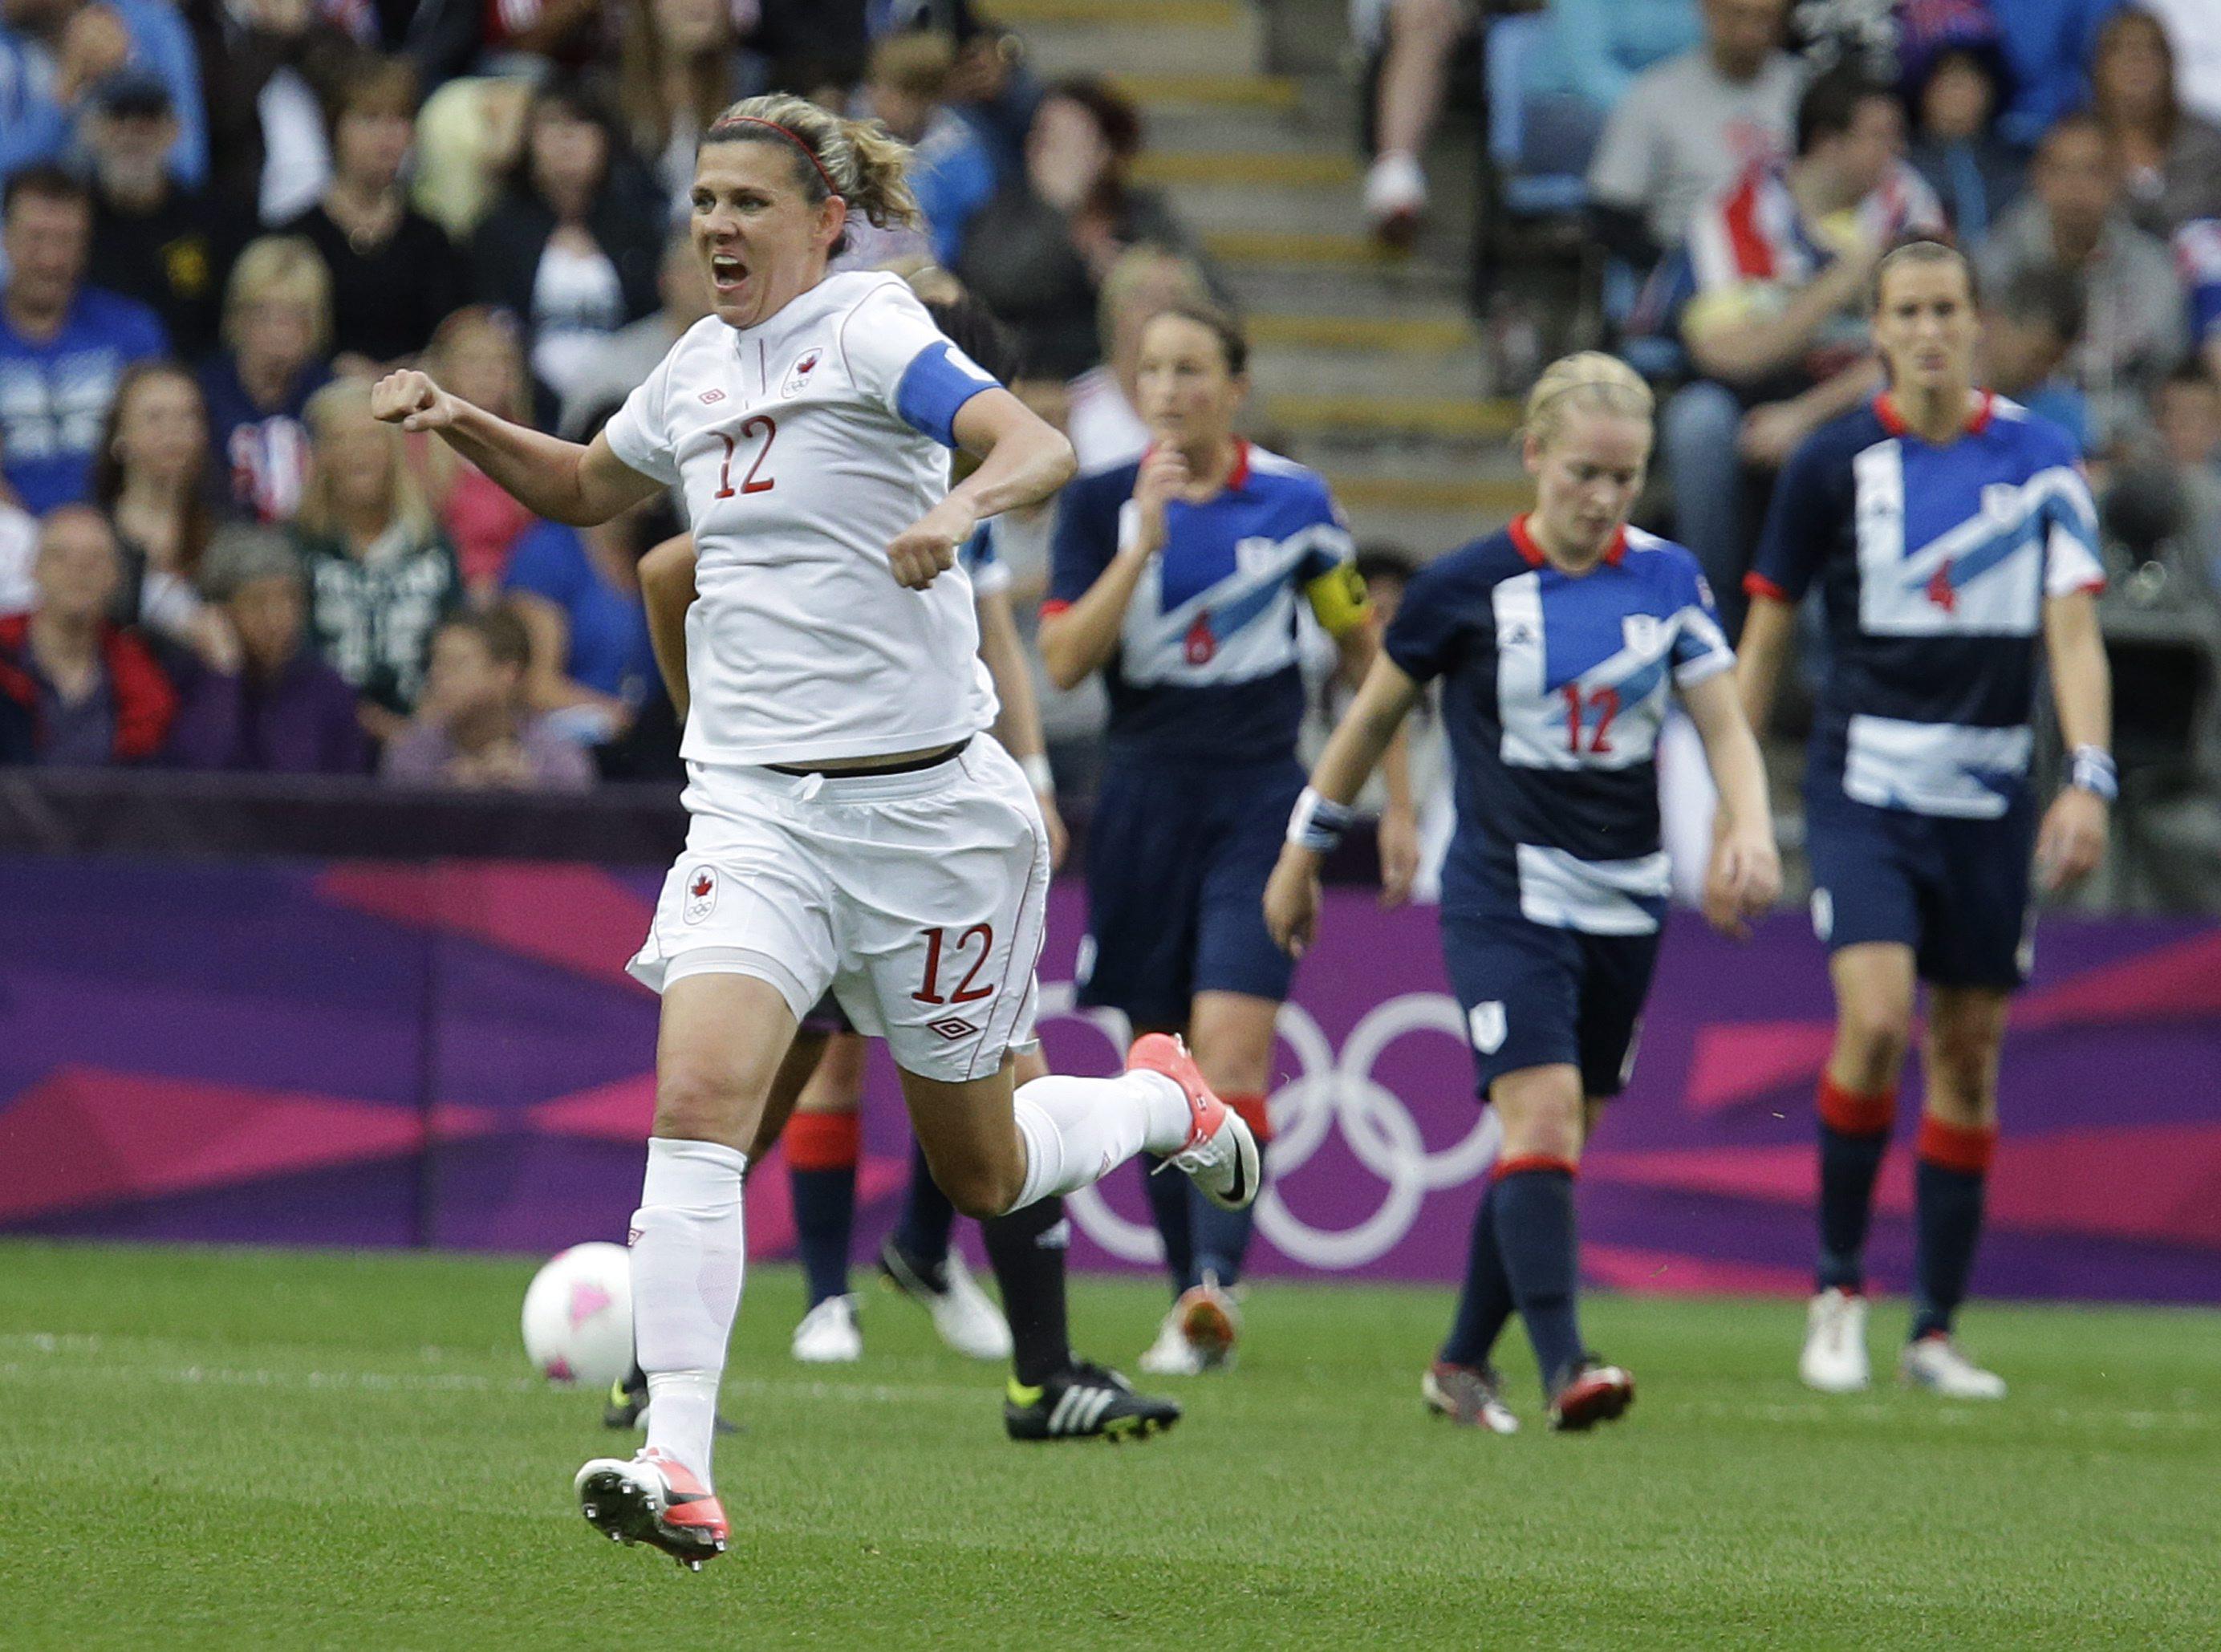 Sinclair celebrates a goal against Team GB